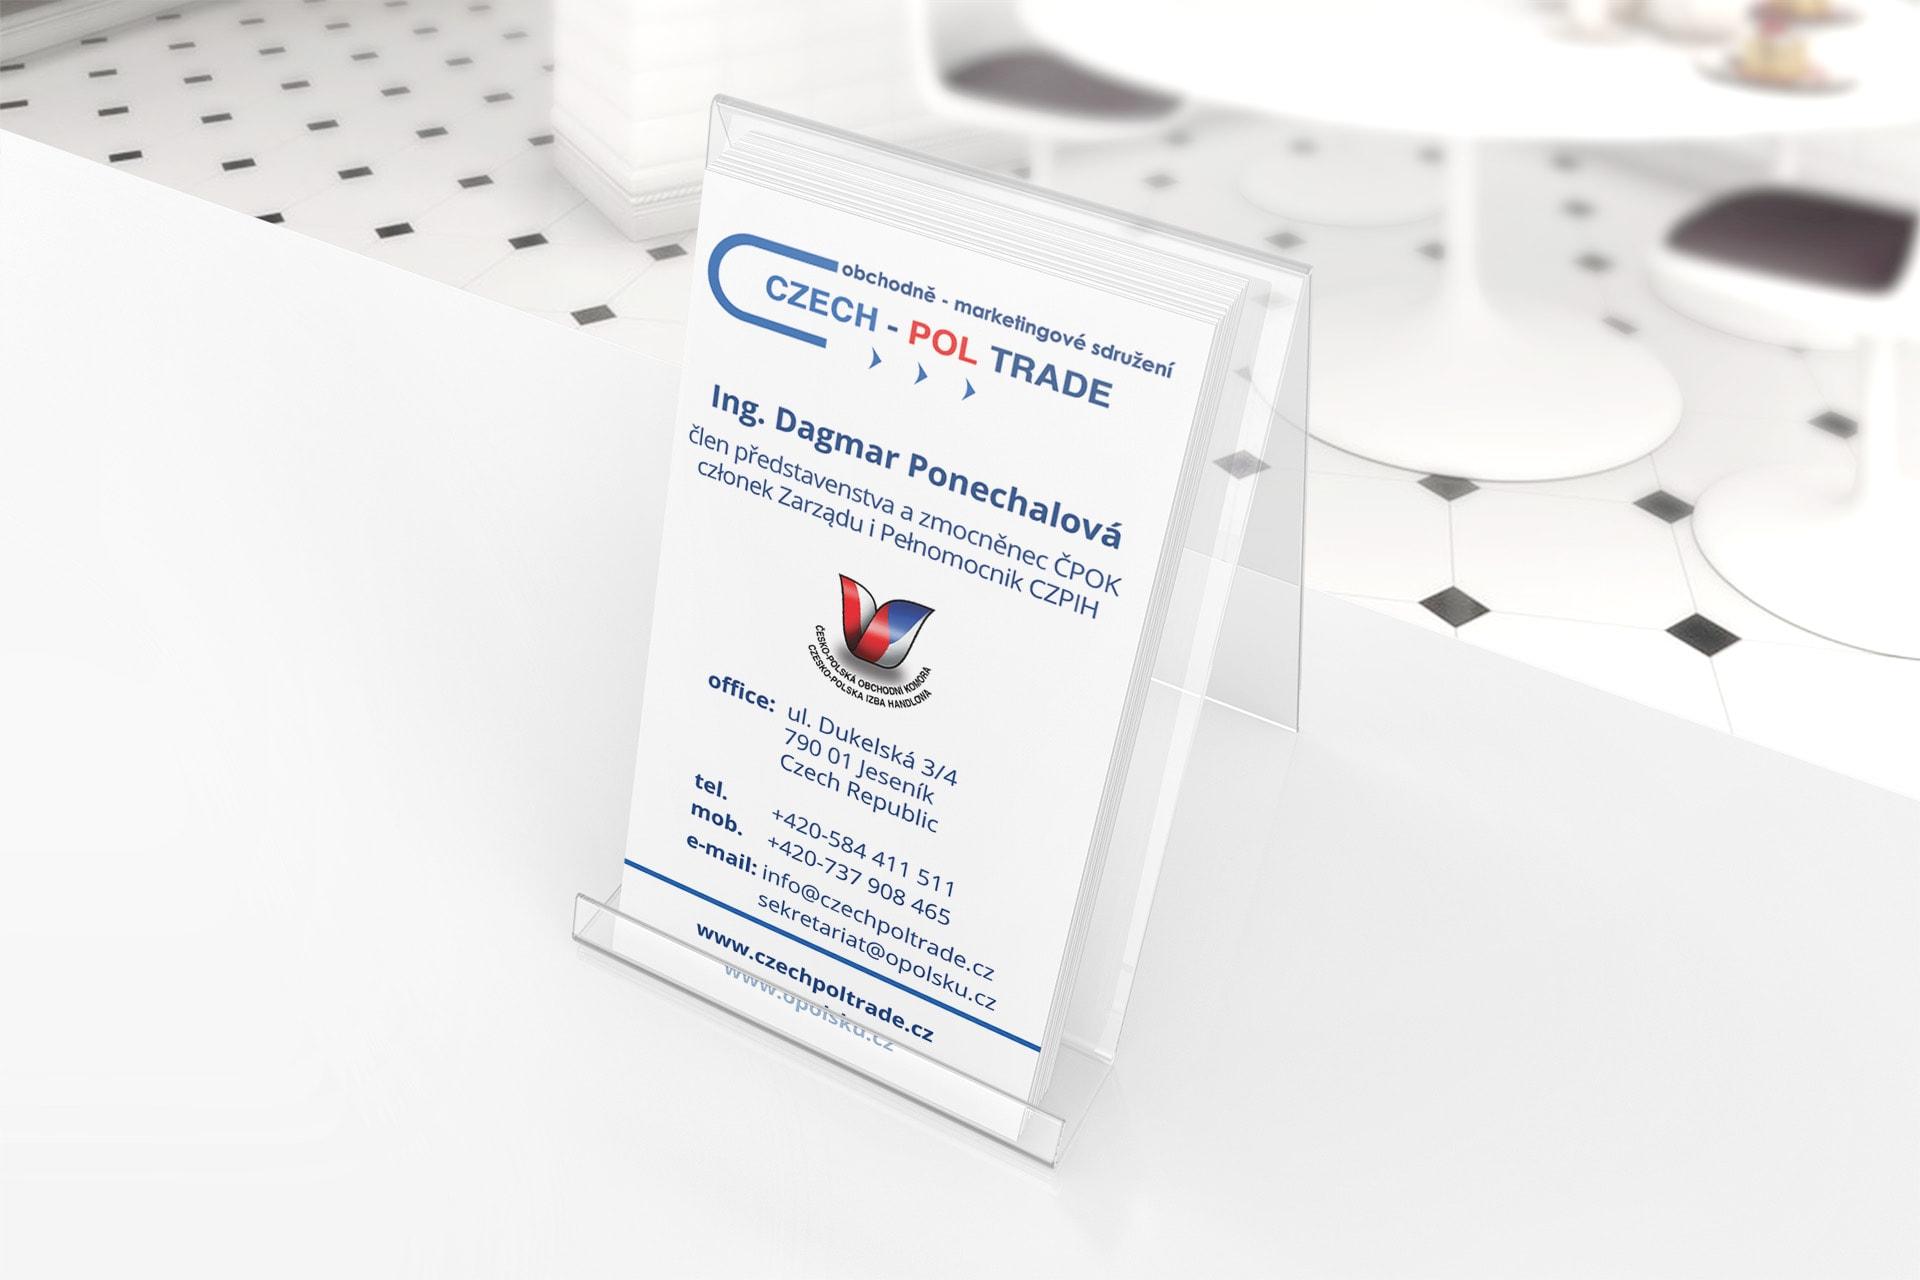 wizytówki dla firm czeskich